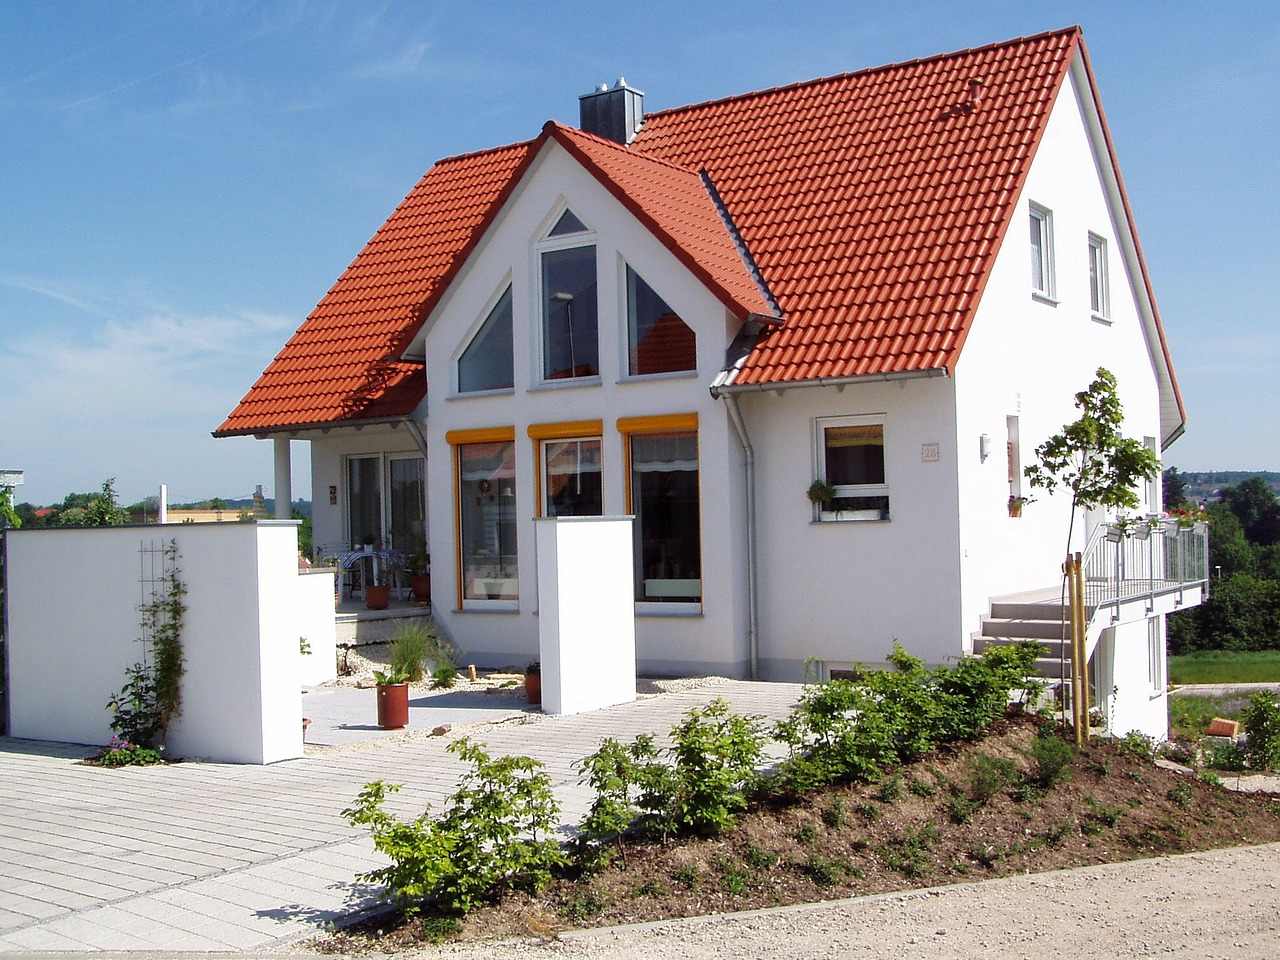 KfW Förderprogramm Neubau, Christian Landesberger, Energieberater und Energieexperte für Erding, Dorfen und Umgebung